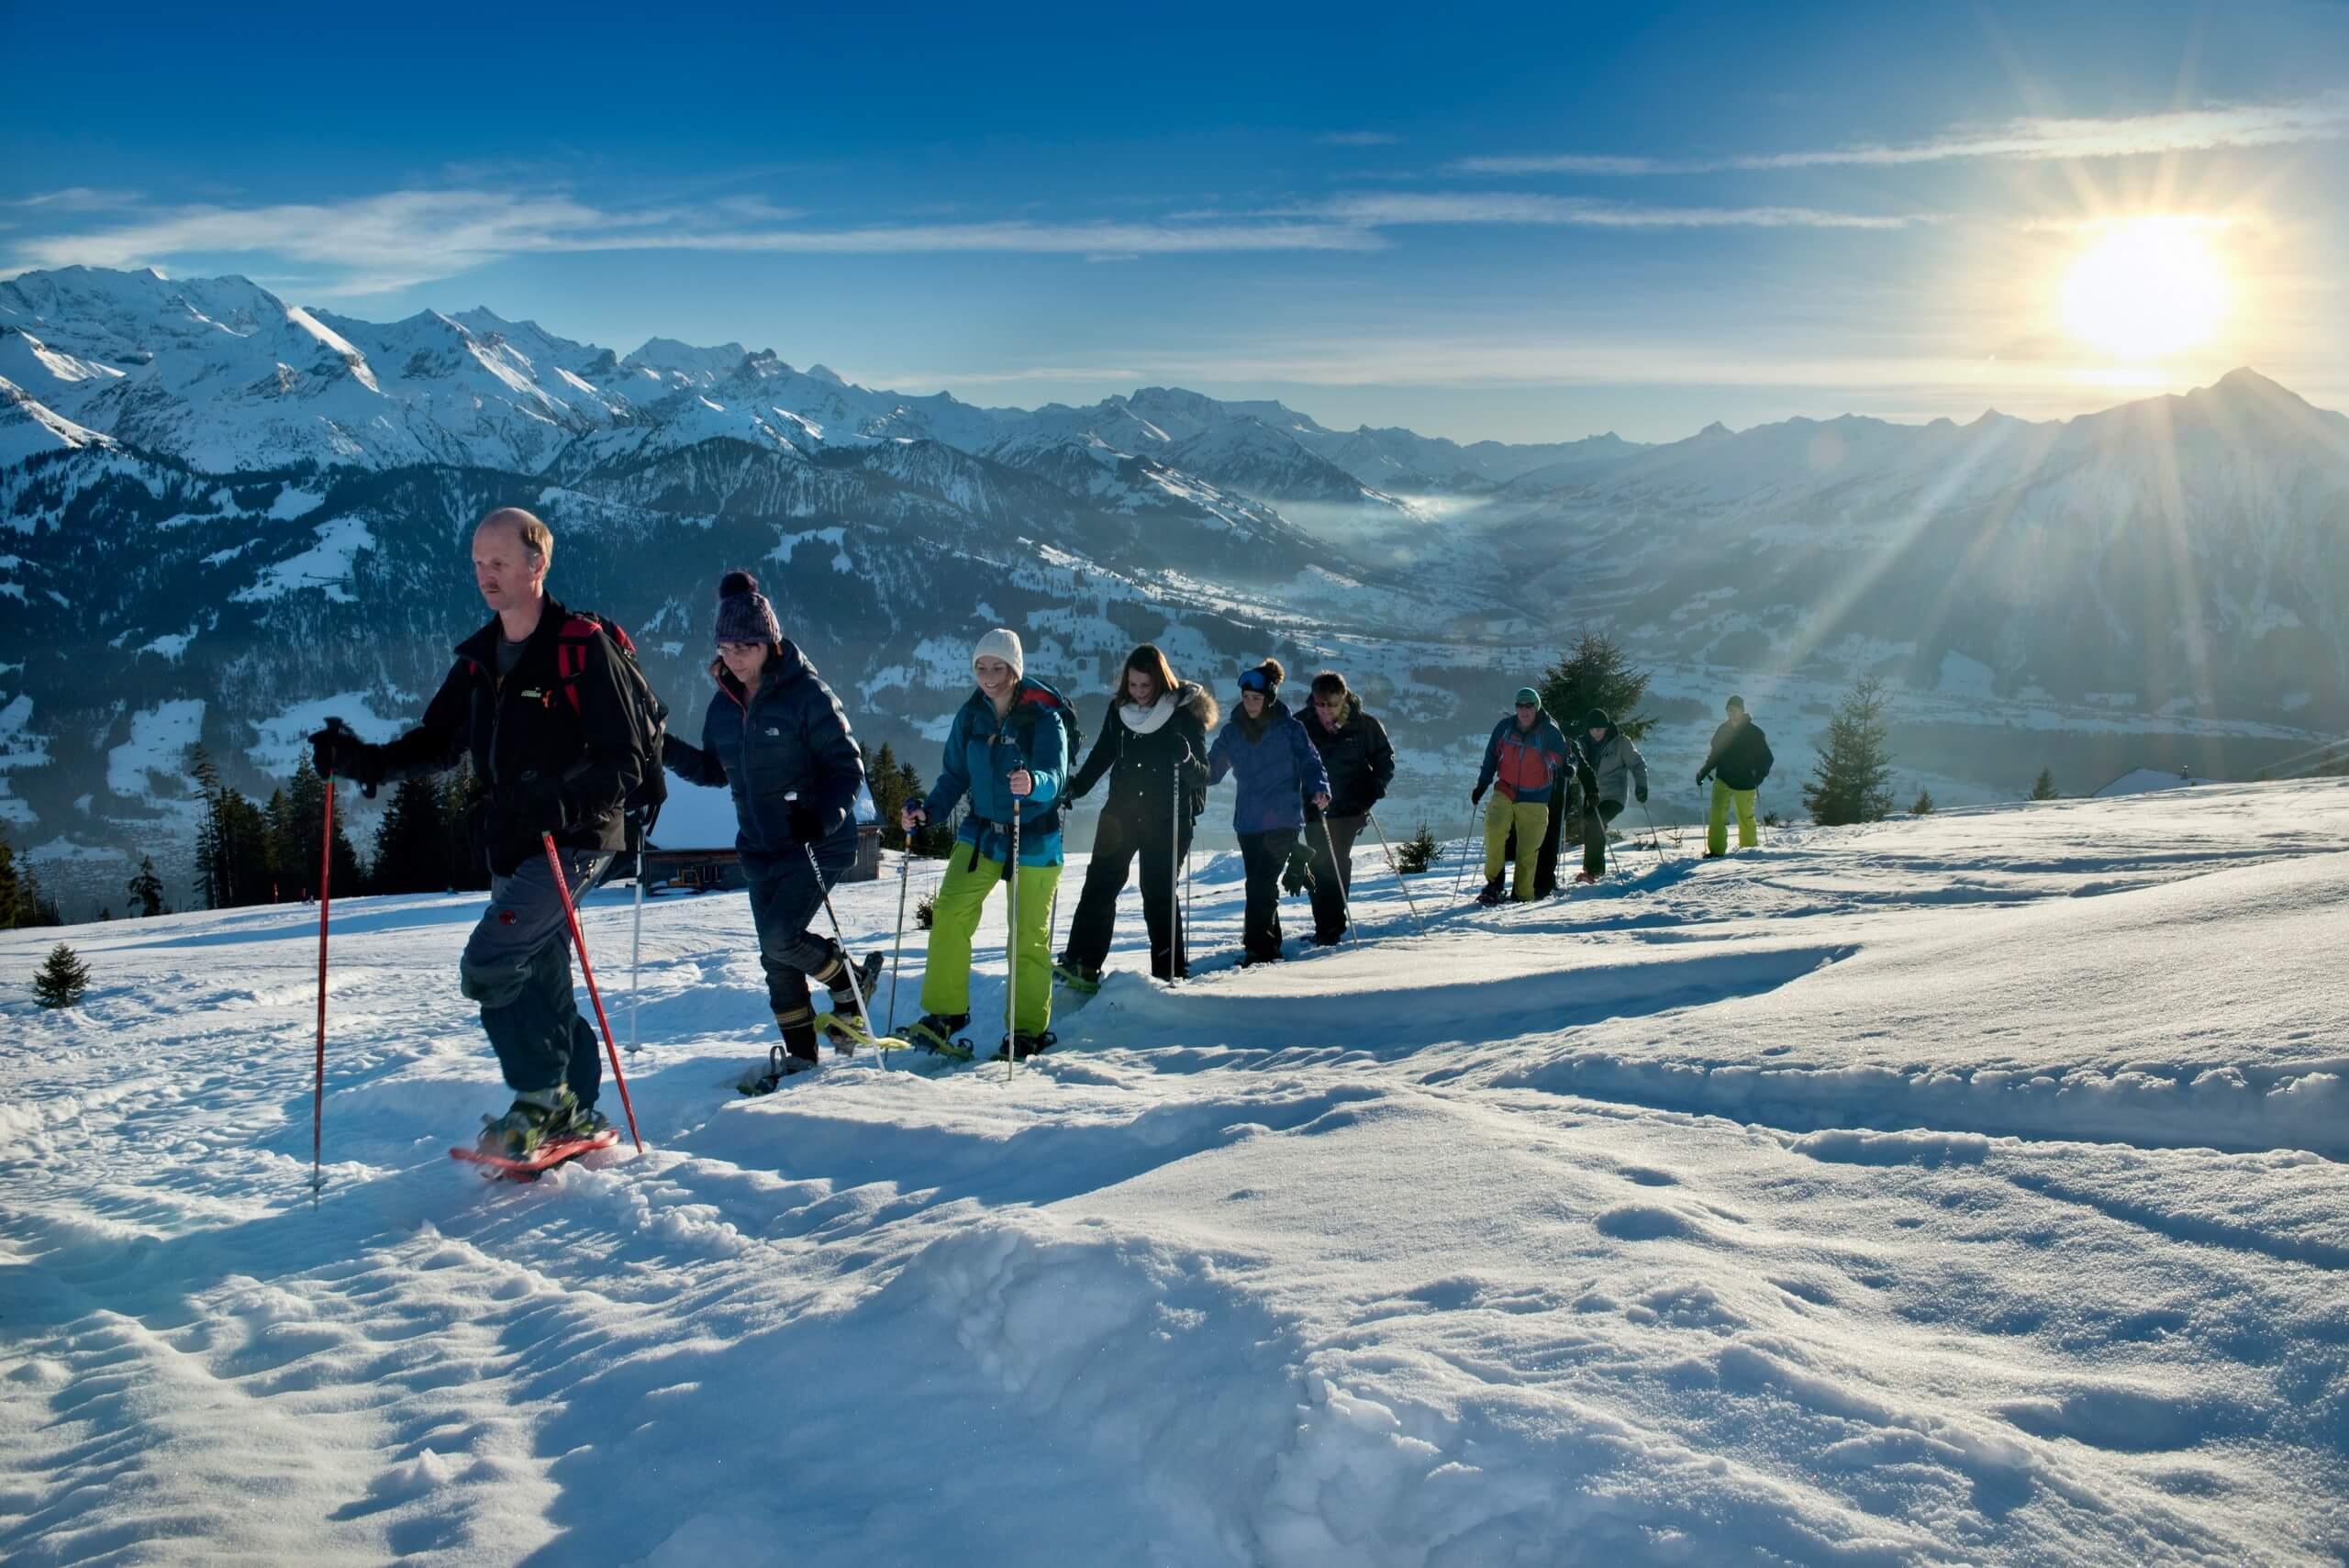 niederhorn-schneeschuhlaufen-winter-gefuehrte-tour-abendstimmung-sonne